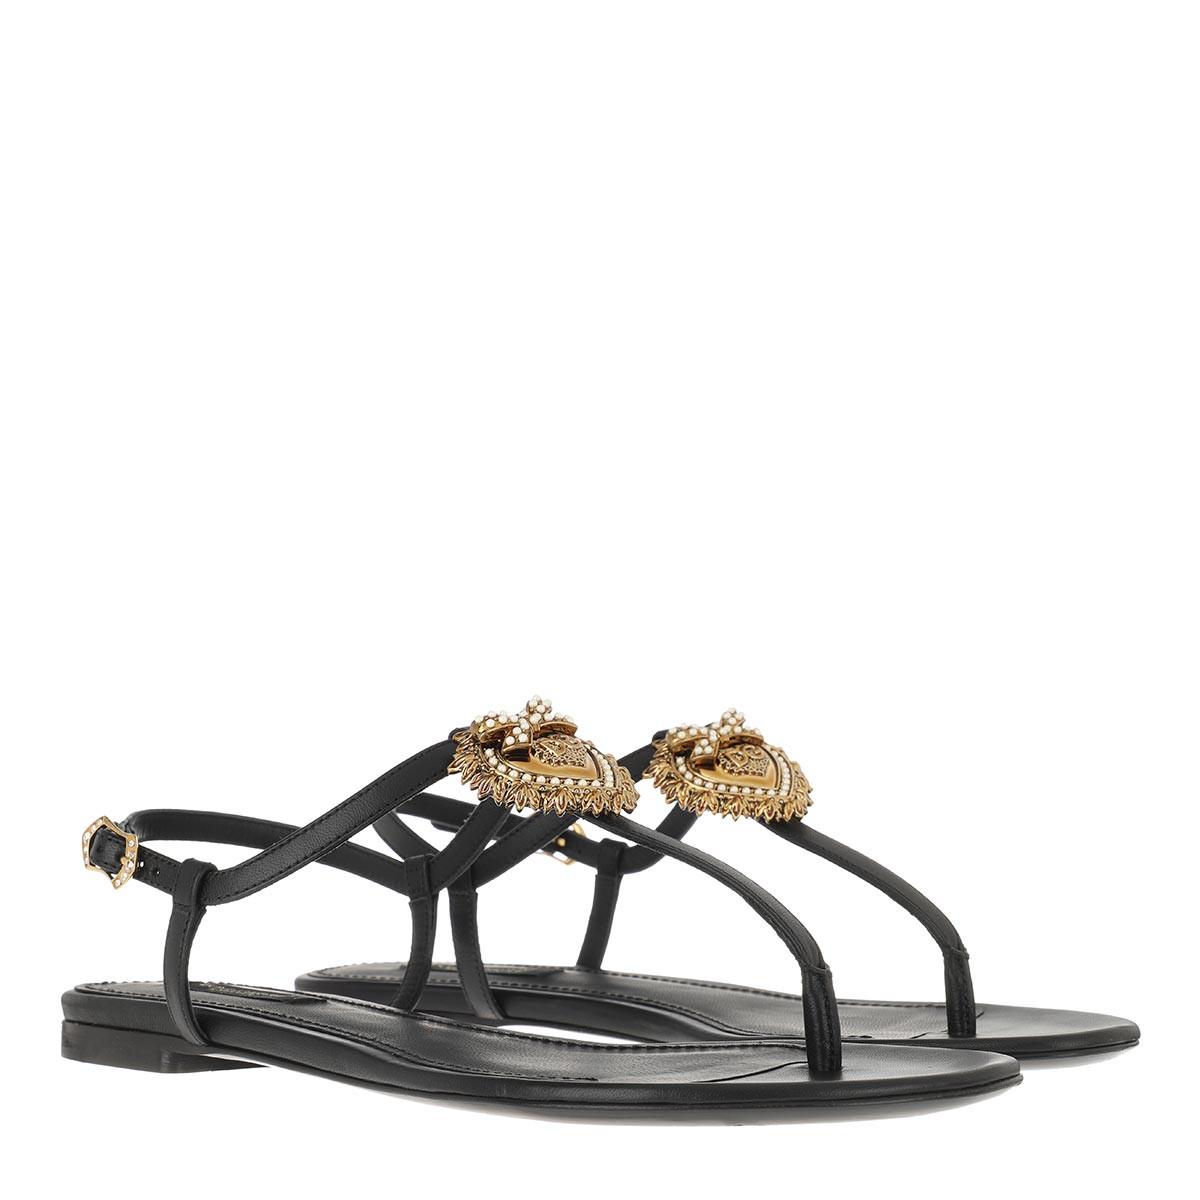 Dolce&Gabbana Sandalen - Thong Sandals Black - in schwarz - für Damen